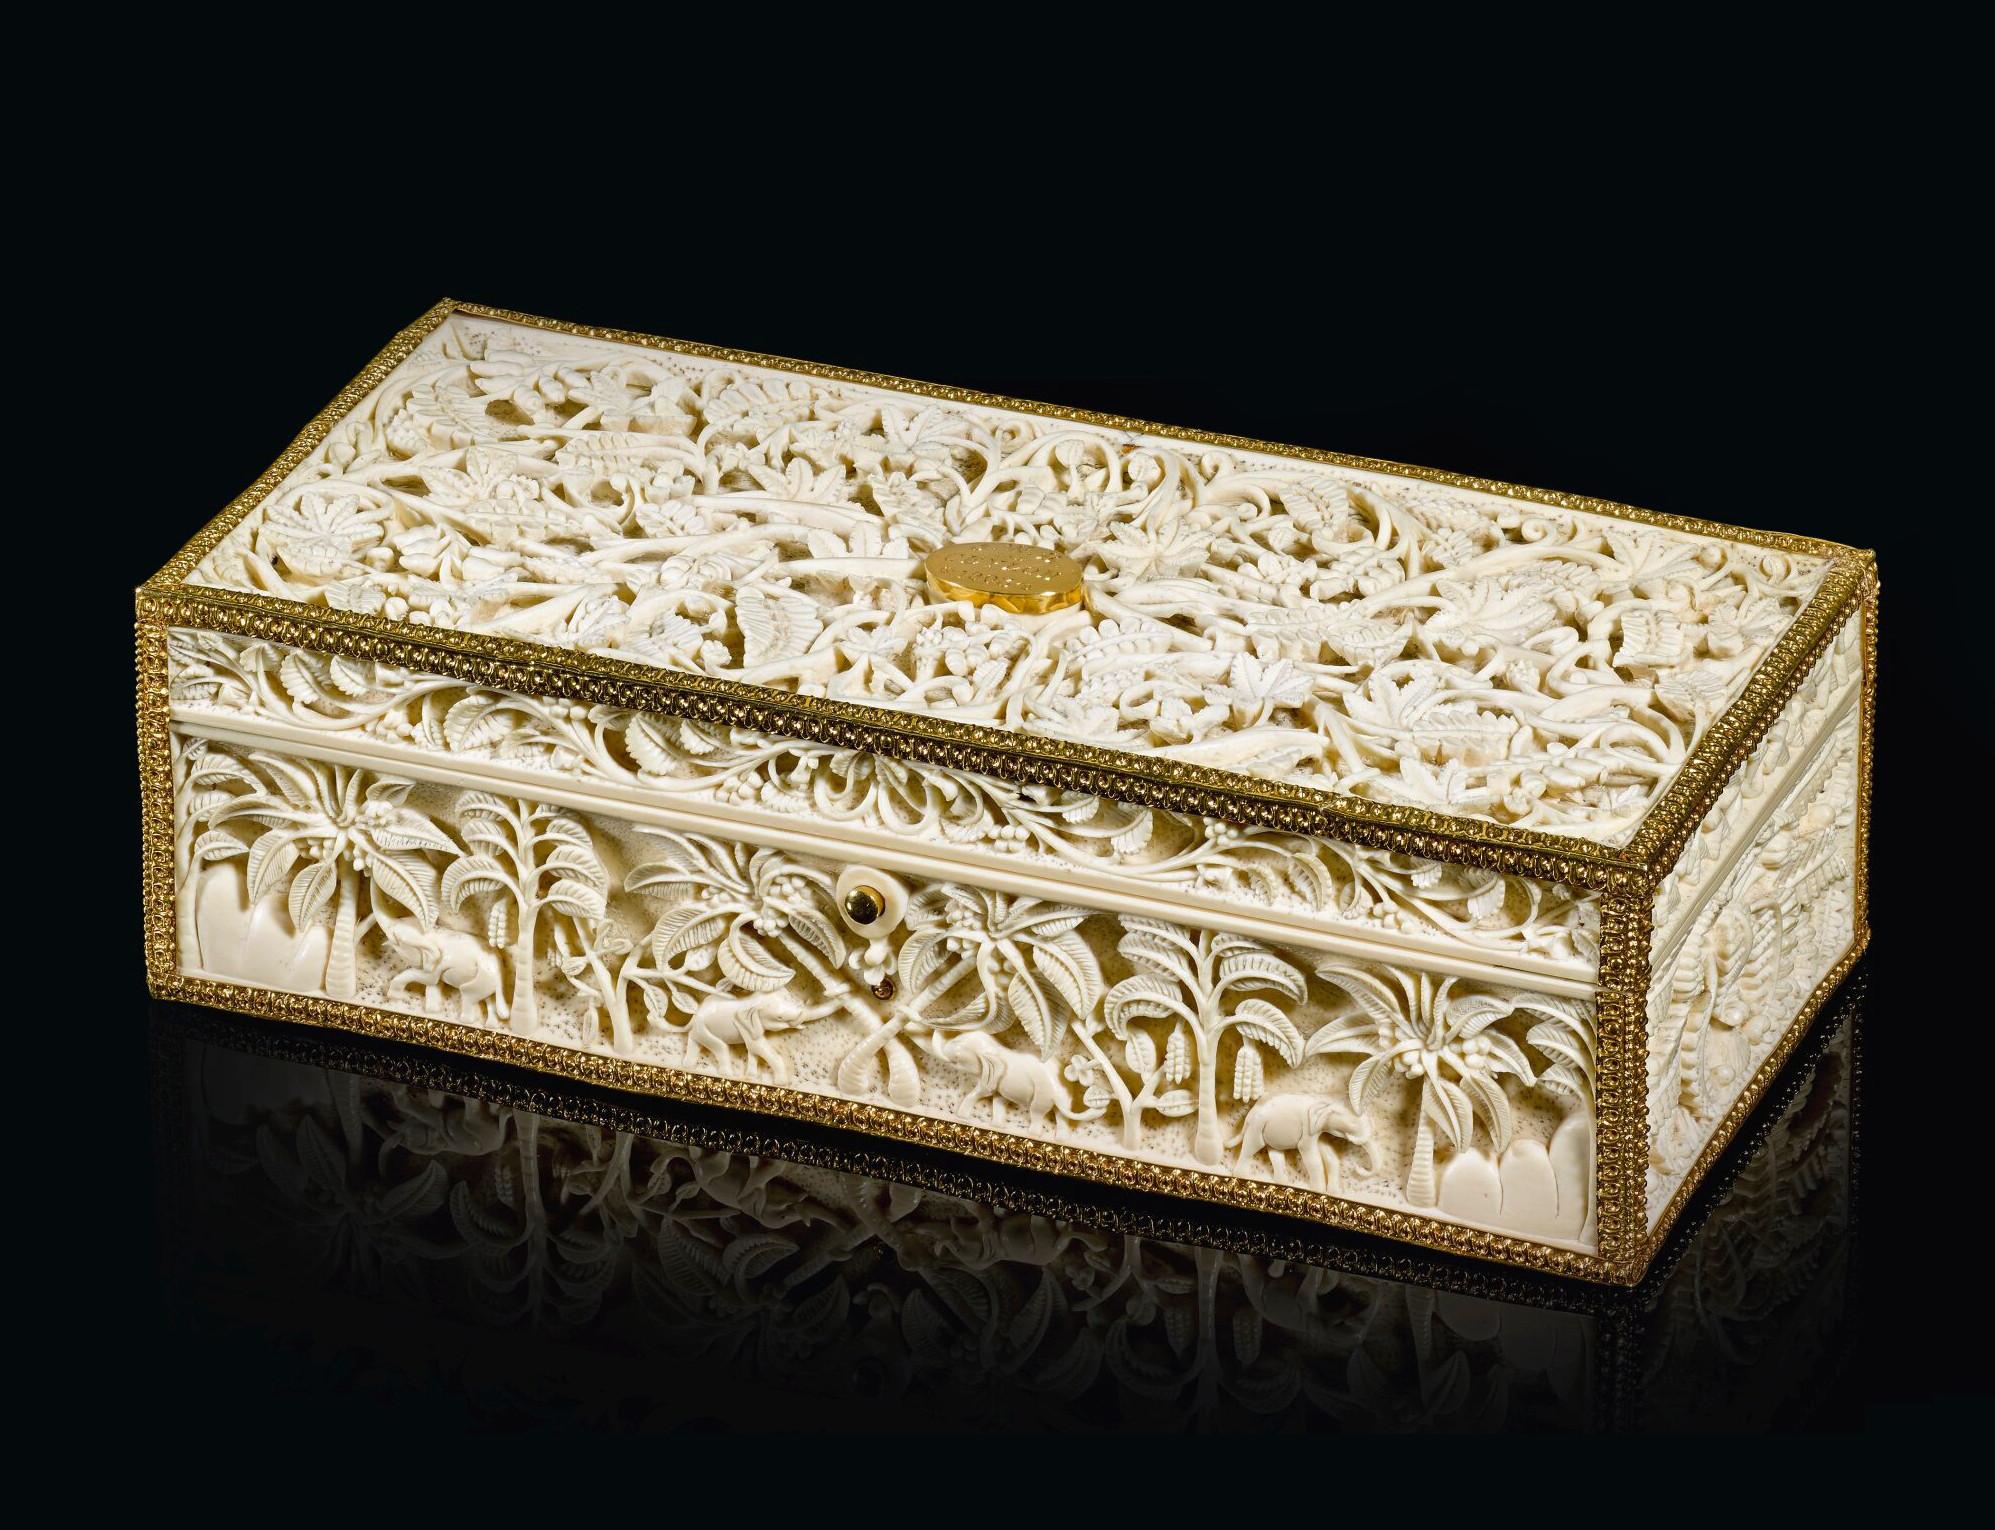 W podobnych, drobiazgowo zdobionych szkatułach trzymano bibeloty i cenne precjoza, źródło: Sotheby's